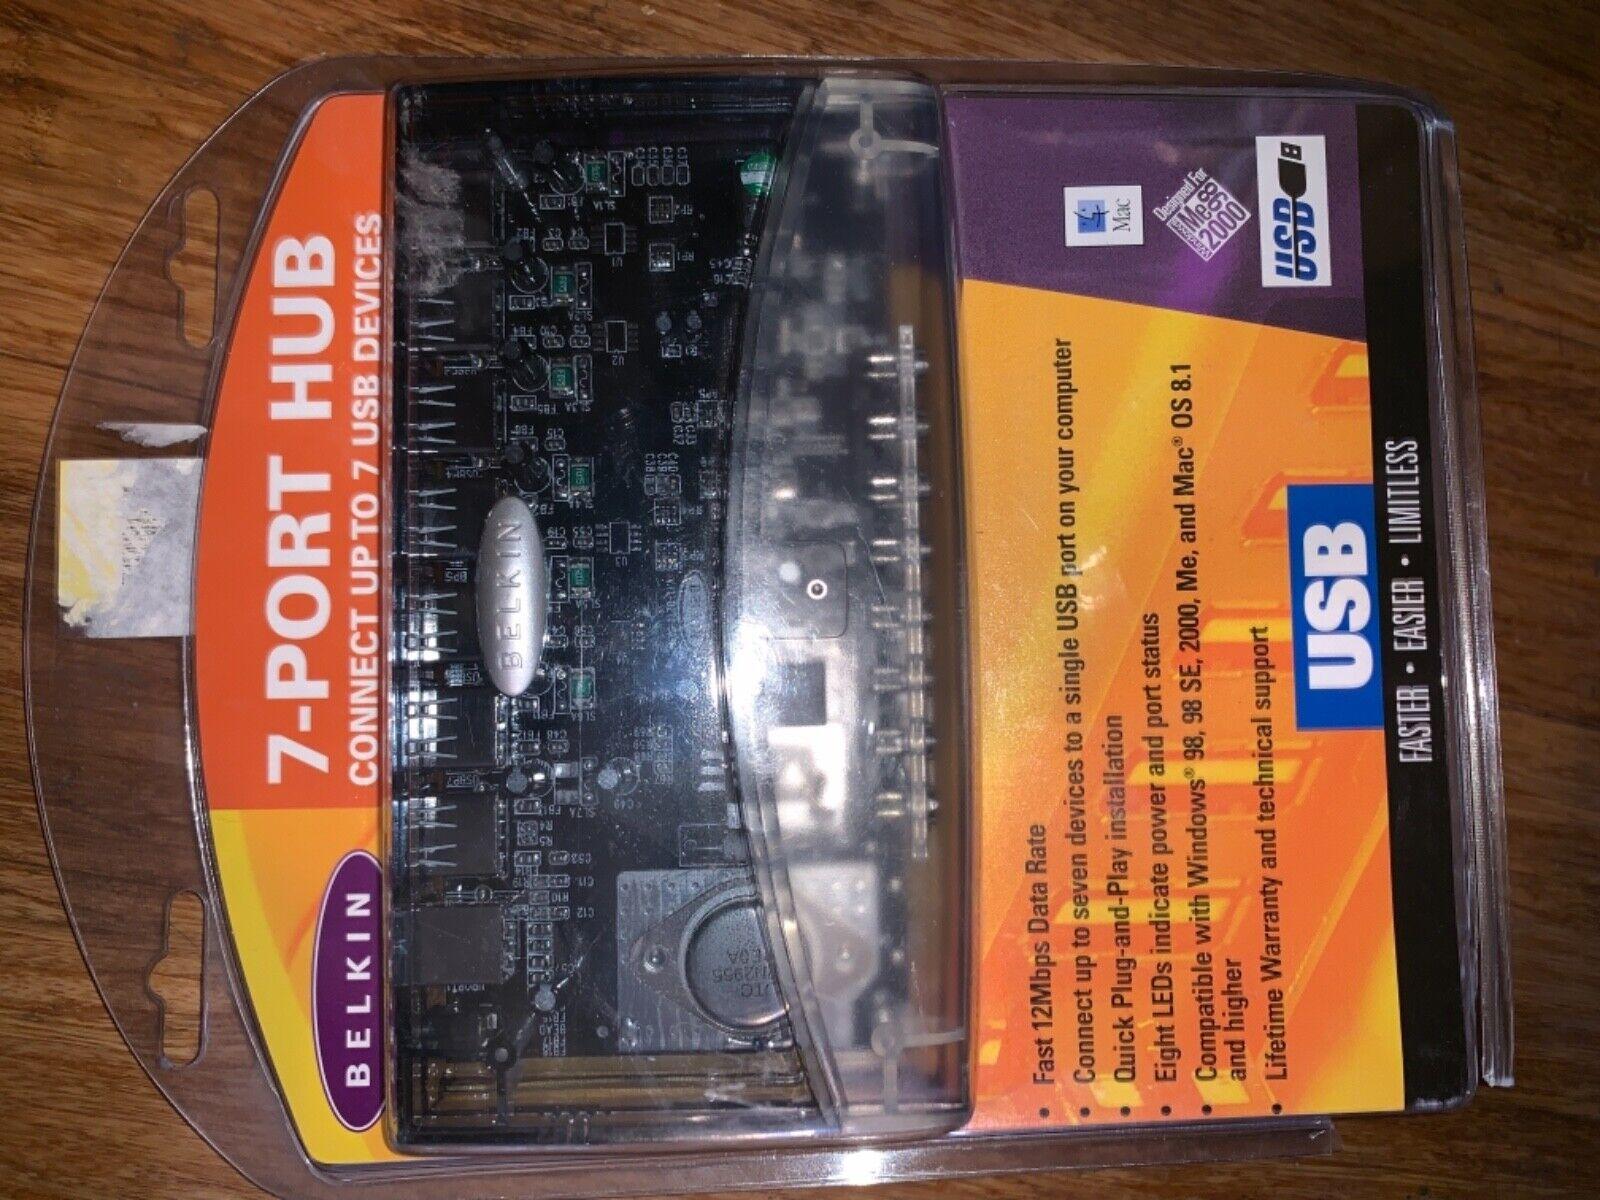 belkin f5u027 usb 7 port hub brand